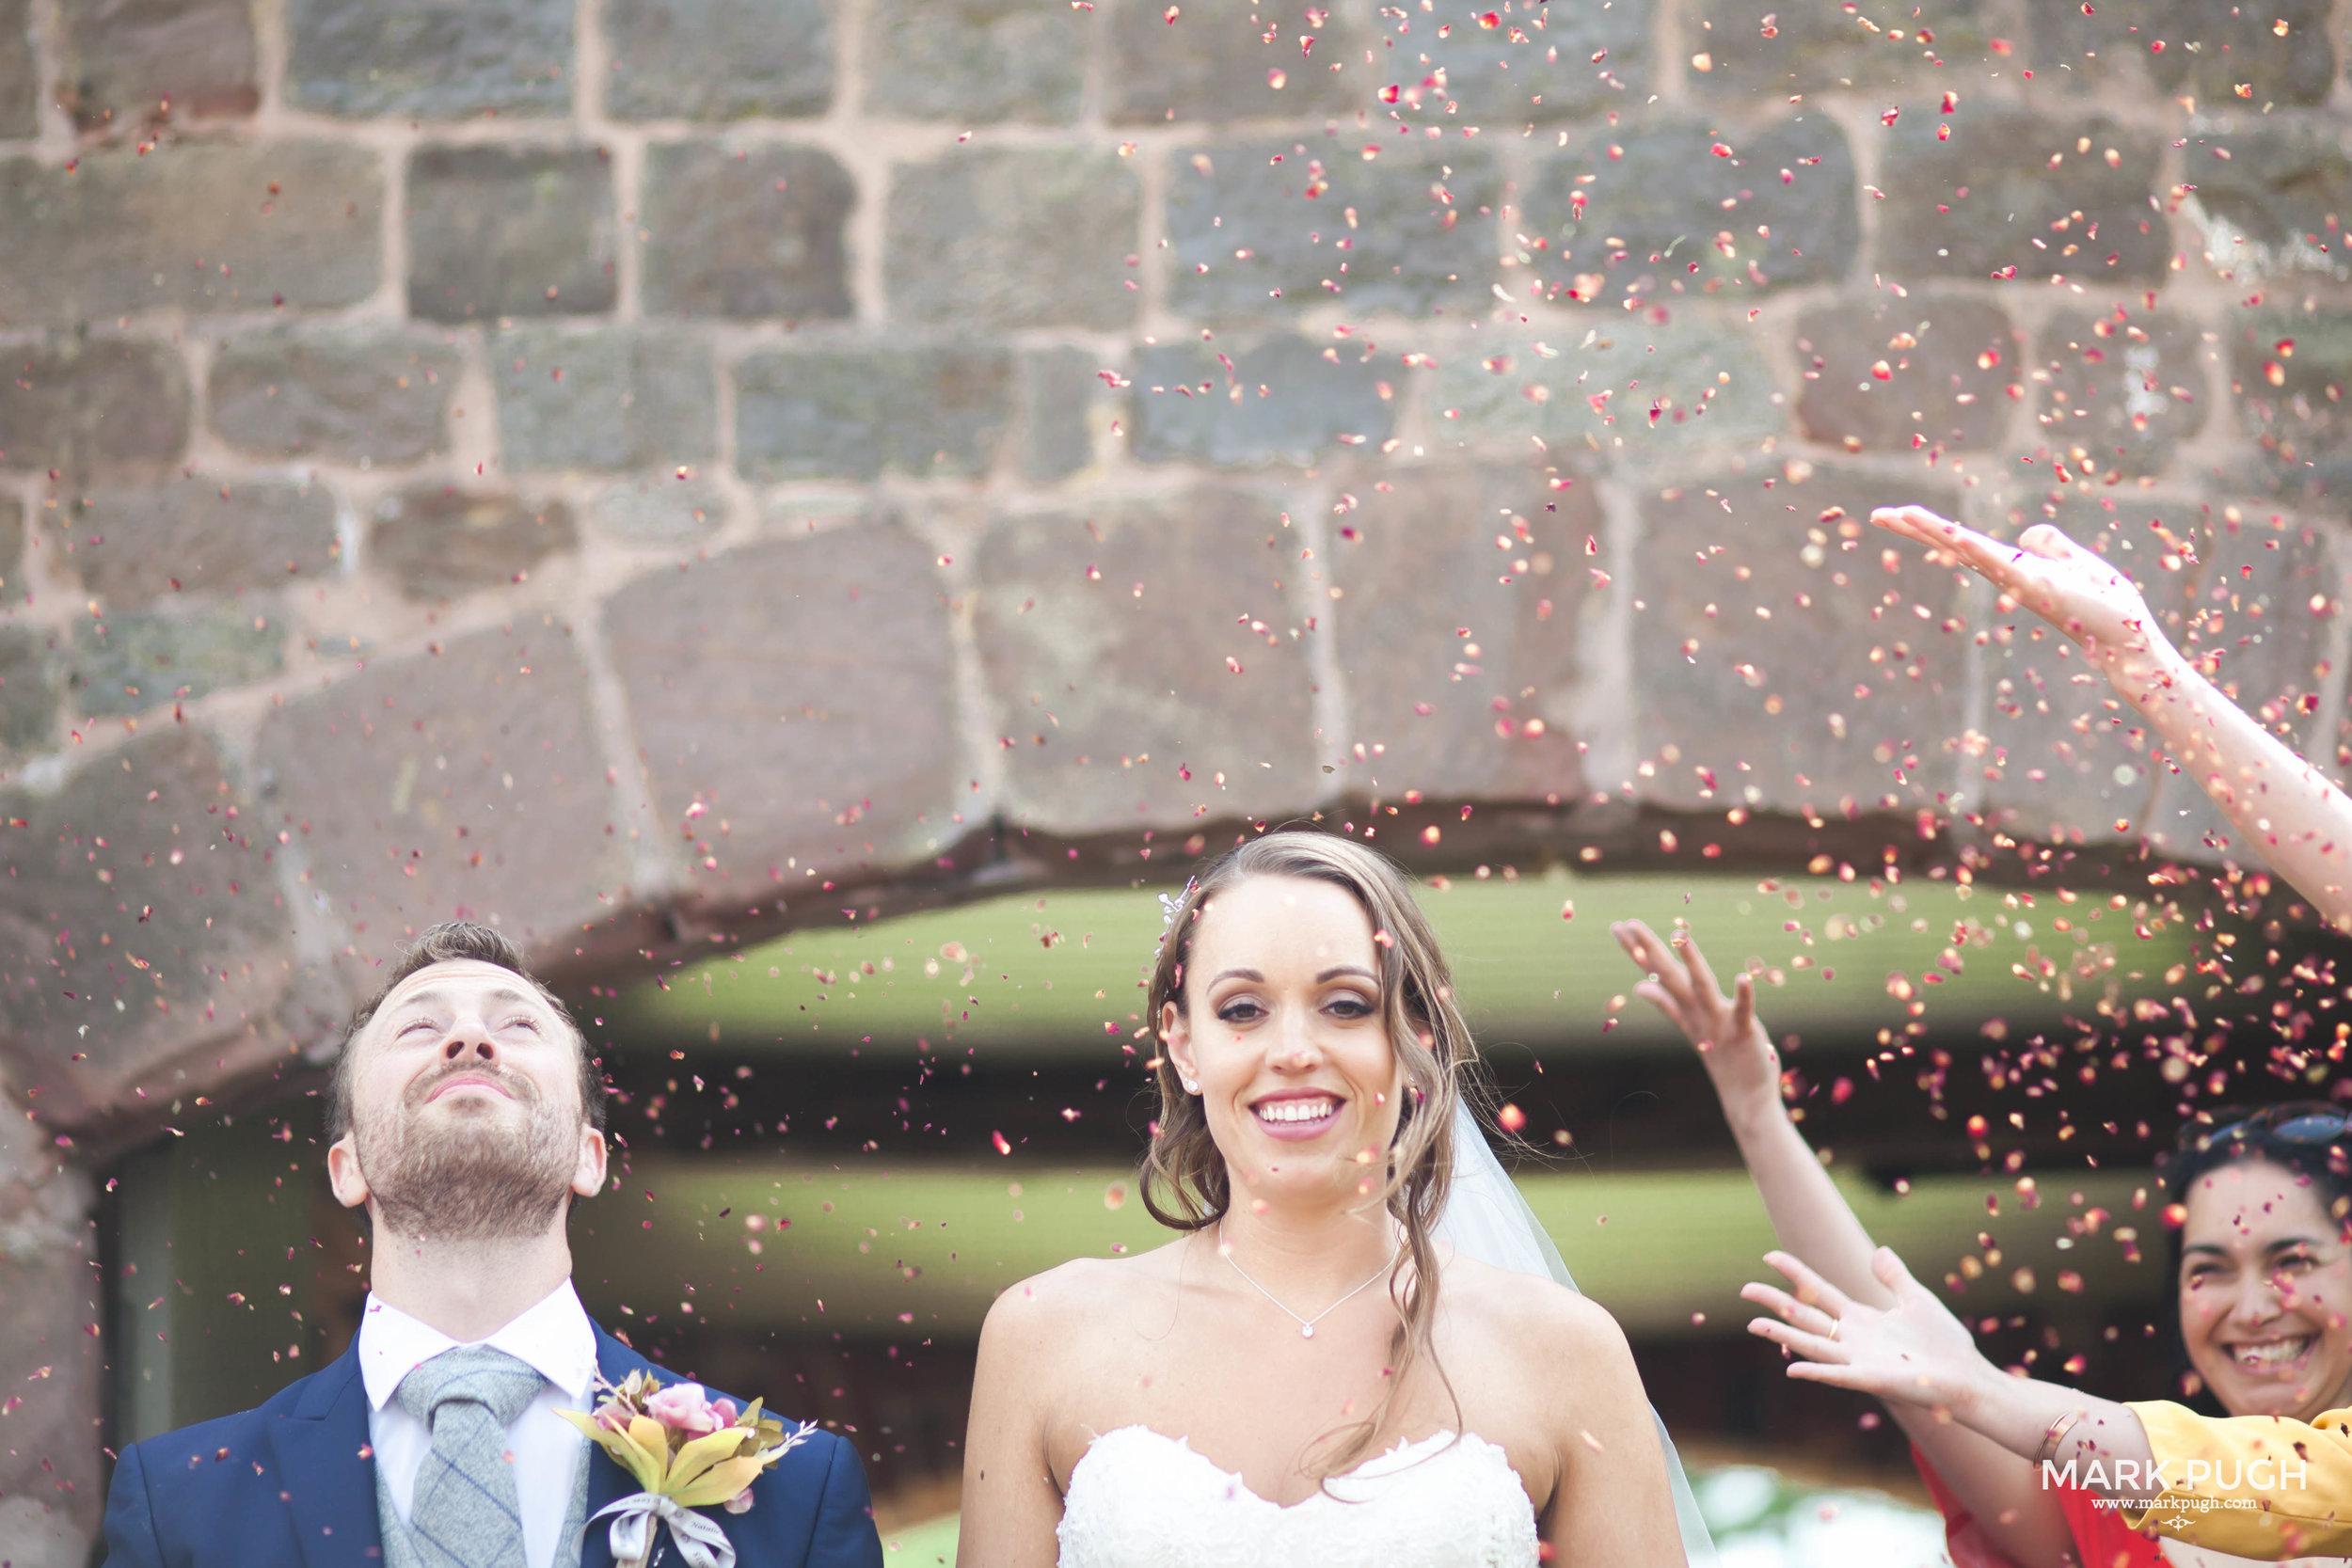 140 - fineART photography by www.markpugh.com Mark Pugh of www.mpmedia.co.uk_.JPG